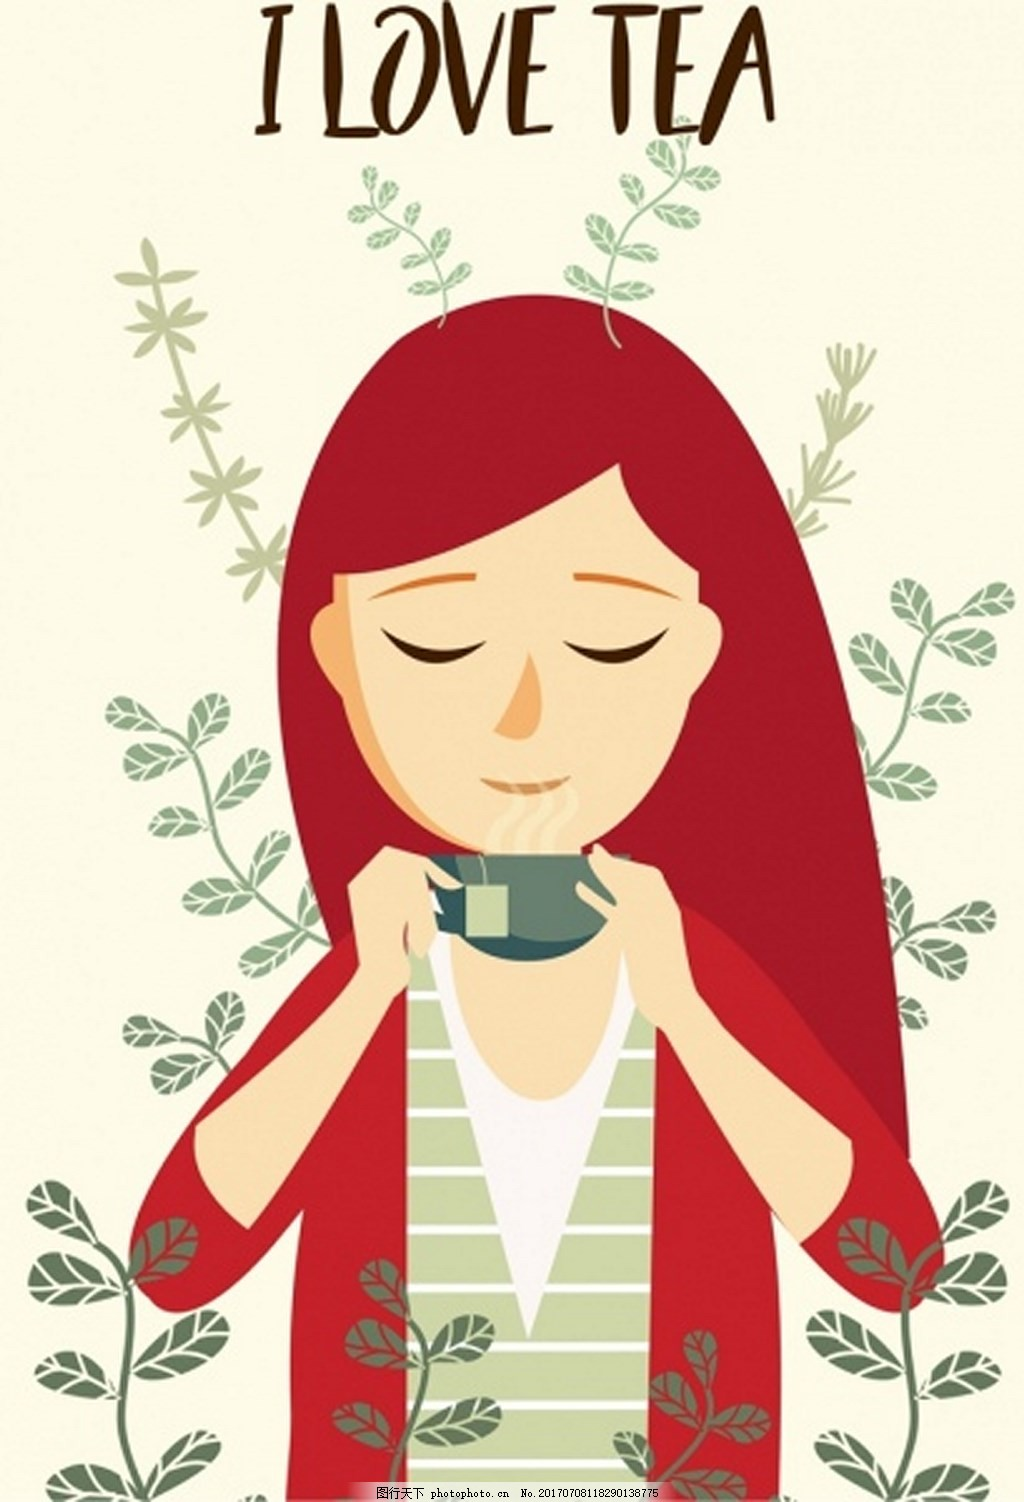 饮用茶广告女性图标动画设计免费矢量 美女 女人 品茶女人 喝茶 茶杯